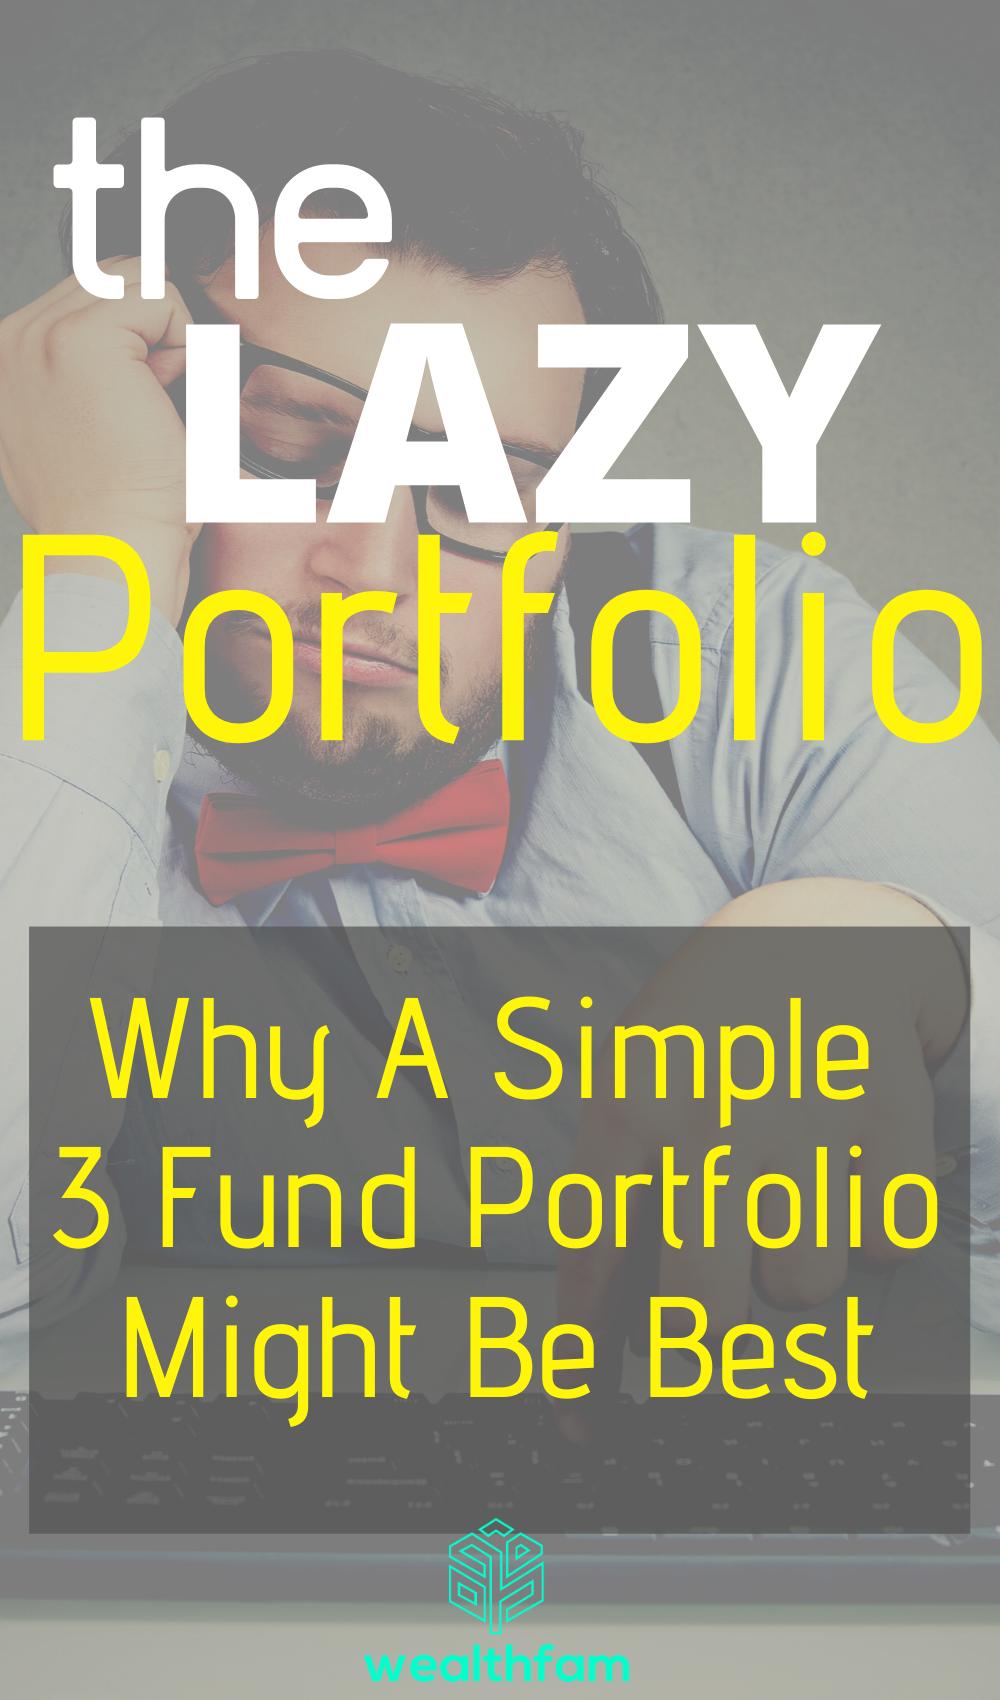 The Lazy Portfolio Can a 3 Fund Portfolio Help You